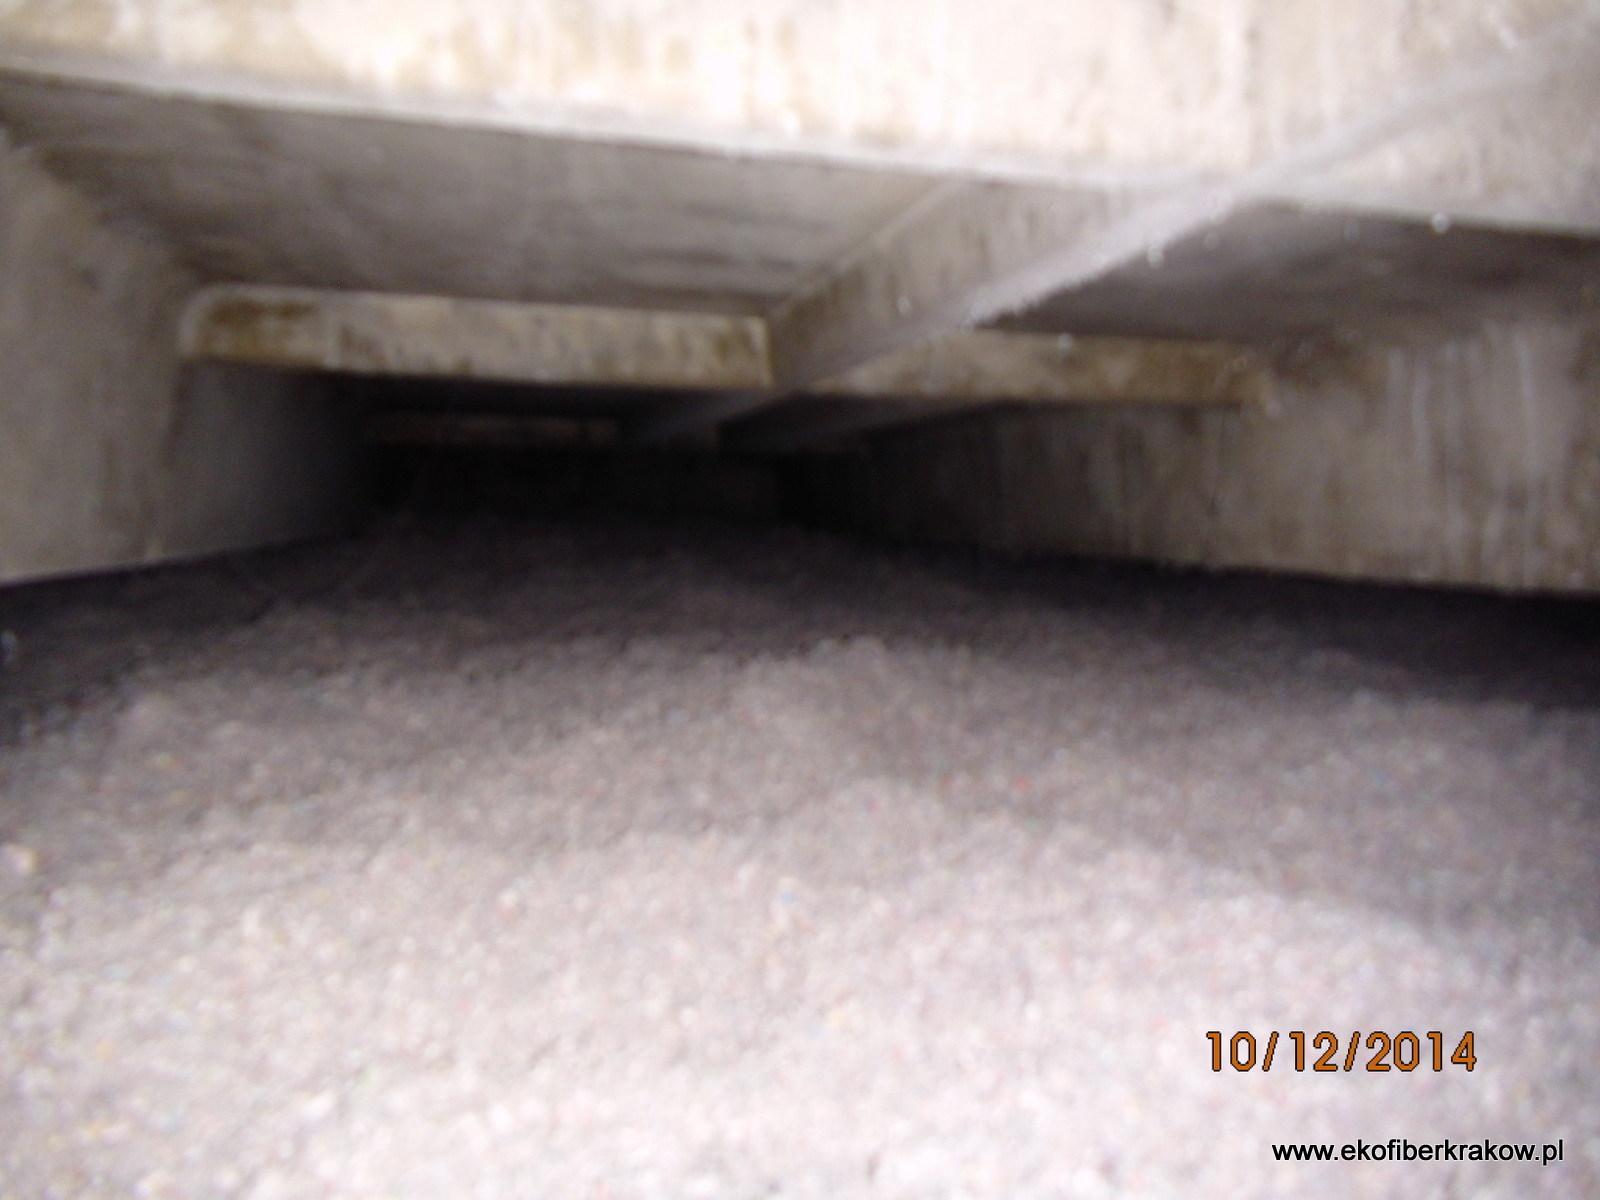 Docieplenie stropodachu granulatem celulozowym Ekofiber